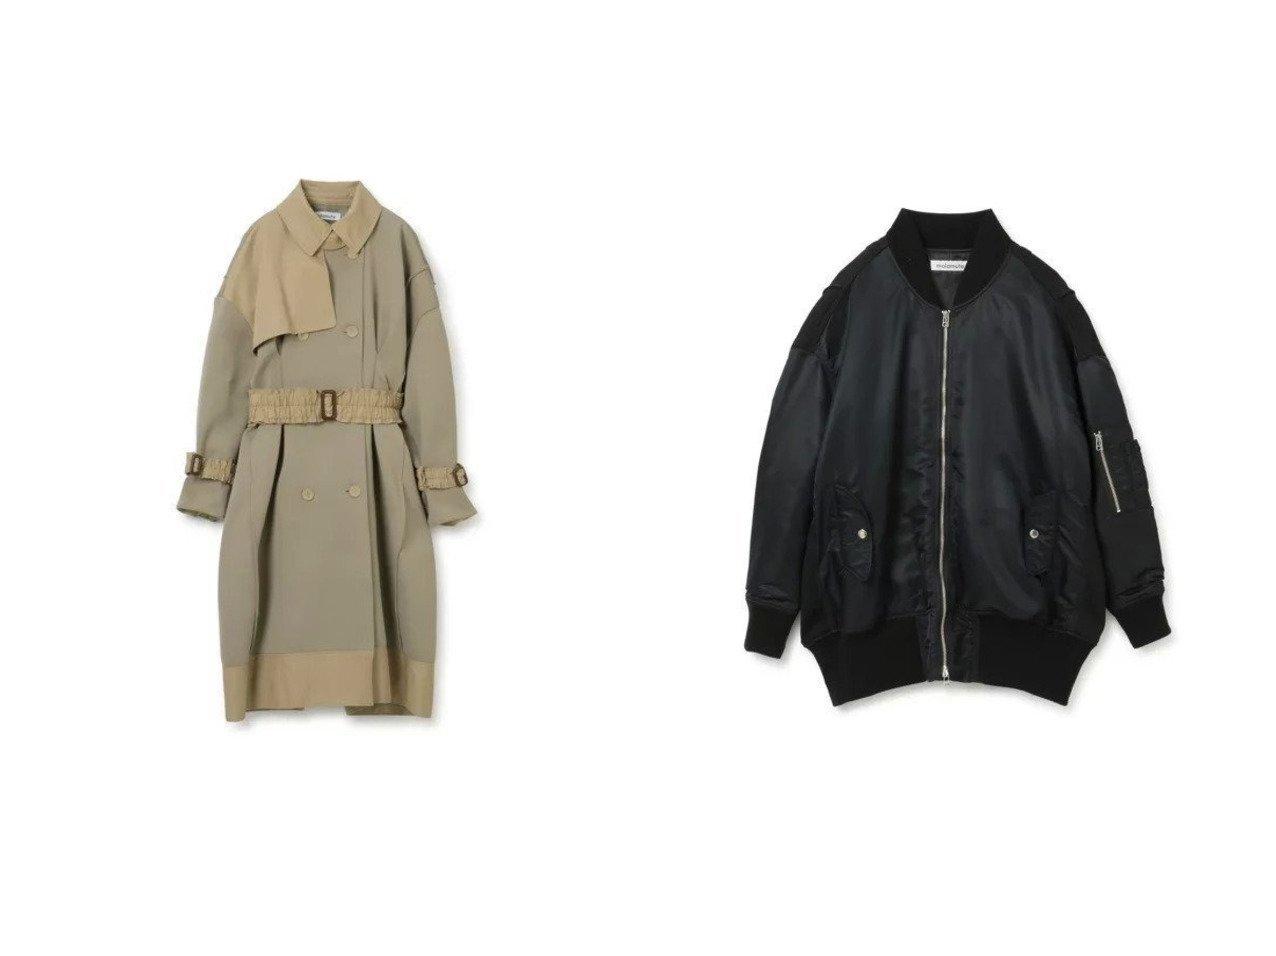 【MALAMUTE/マラミュート】のpleated trench coat&pleated MA-1 【アウター】おすすめ!人気、トレンド・レディースファッションの通販 おすすめで人気の流行・トレンド、ファッションの通販商品 インテリア・家具・メンズファッション・キッズファッション・レディースファッション・服の通販 founy(ファニー) https://founy.com/ ファッション Fashion レディースファッション WOMEN アウター Coat Outerwear ジャケット Jackets ブルゾン Blouson/Jackets MA-1 MA-1 コート Coats トレンチコート Trench Coats 2021年 2021 2021-2022秋冬・A/W AW・Autumn/Winter・FW・Fall-Winter・2021-2022 A/W・秋冬 AW・Autumn/Winter・FW・Fall-Winter ジャケット ブルゾン 軽量 エレガント ギャザー フレア |ID:crp329100000056379